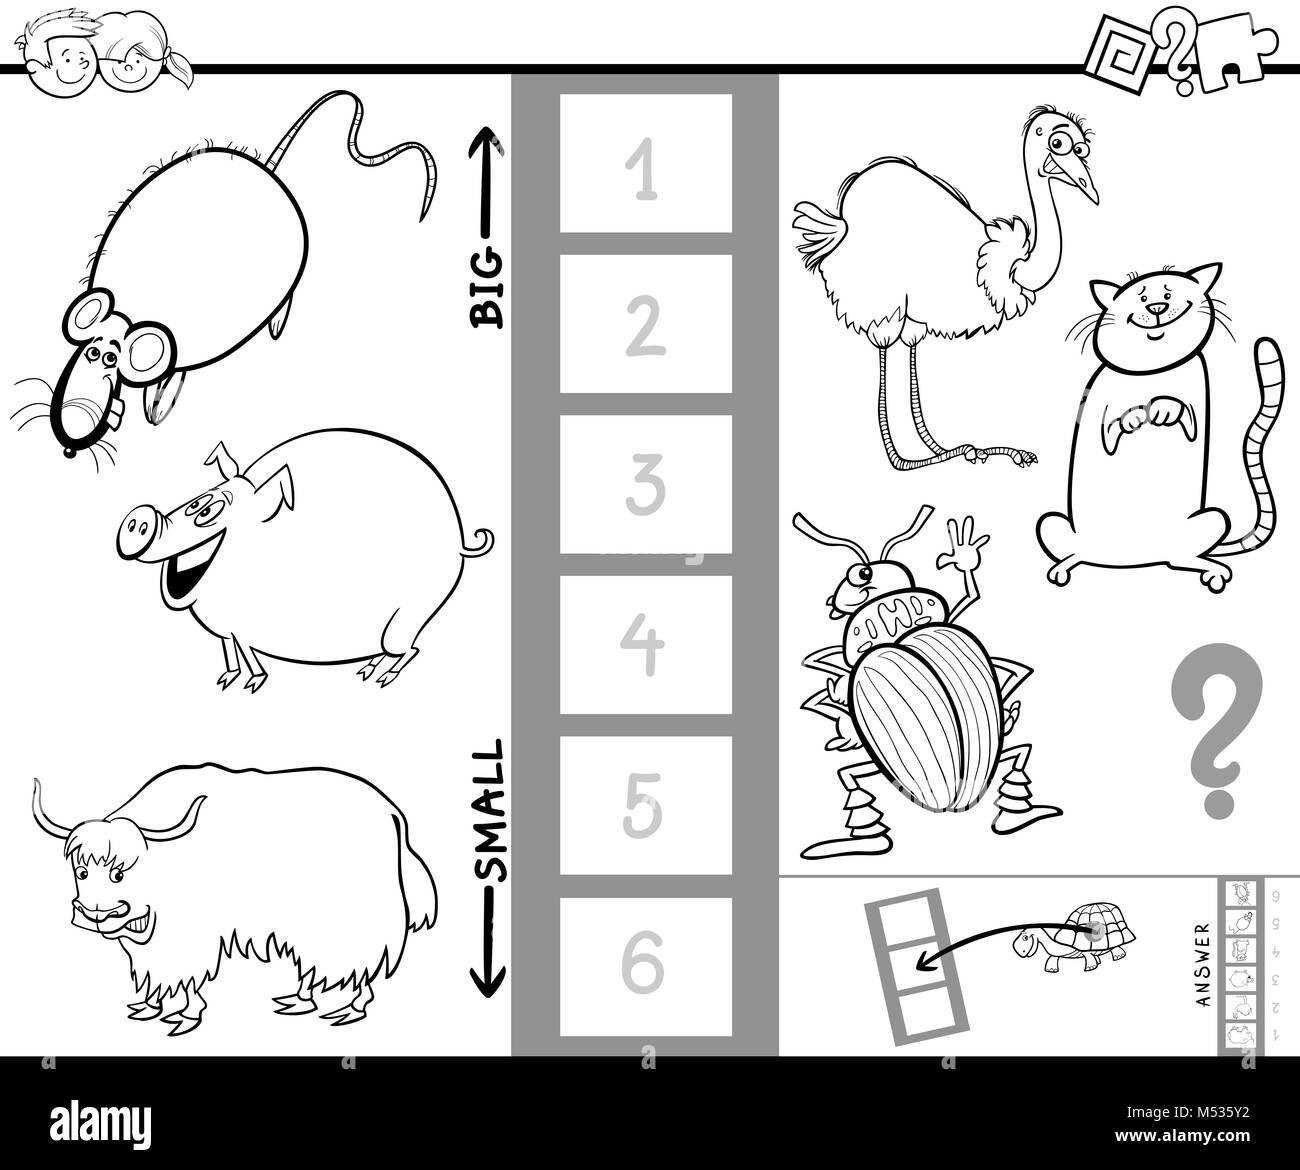 Find Biggest Animal Color Book Game